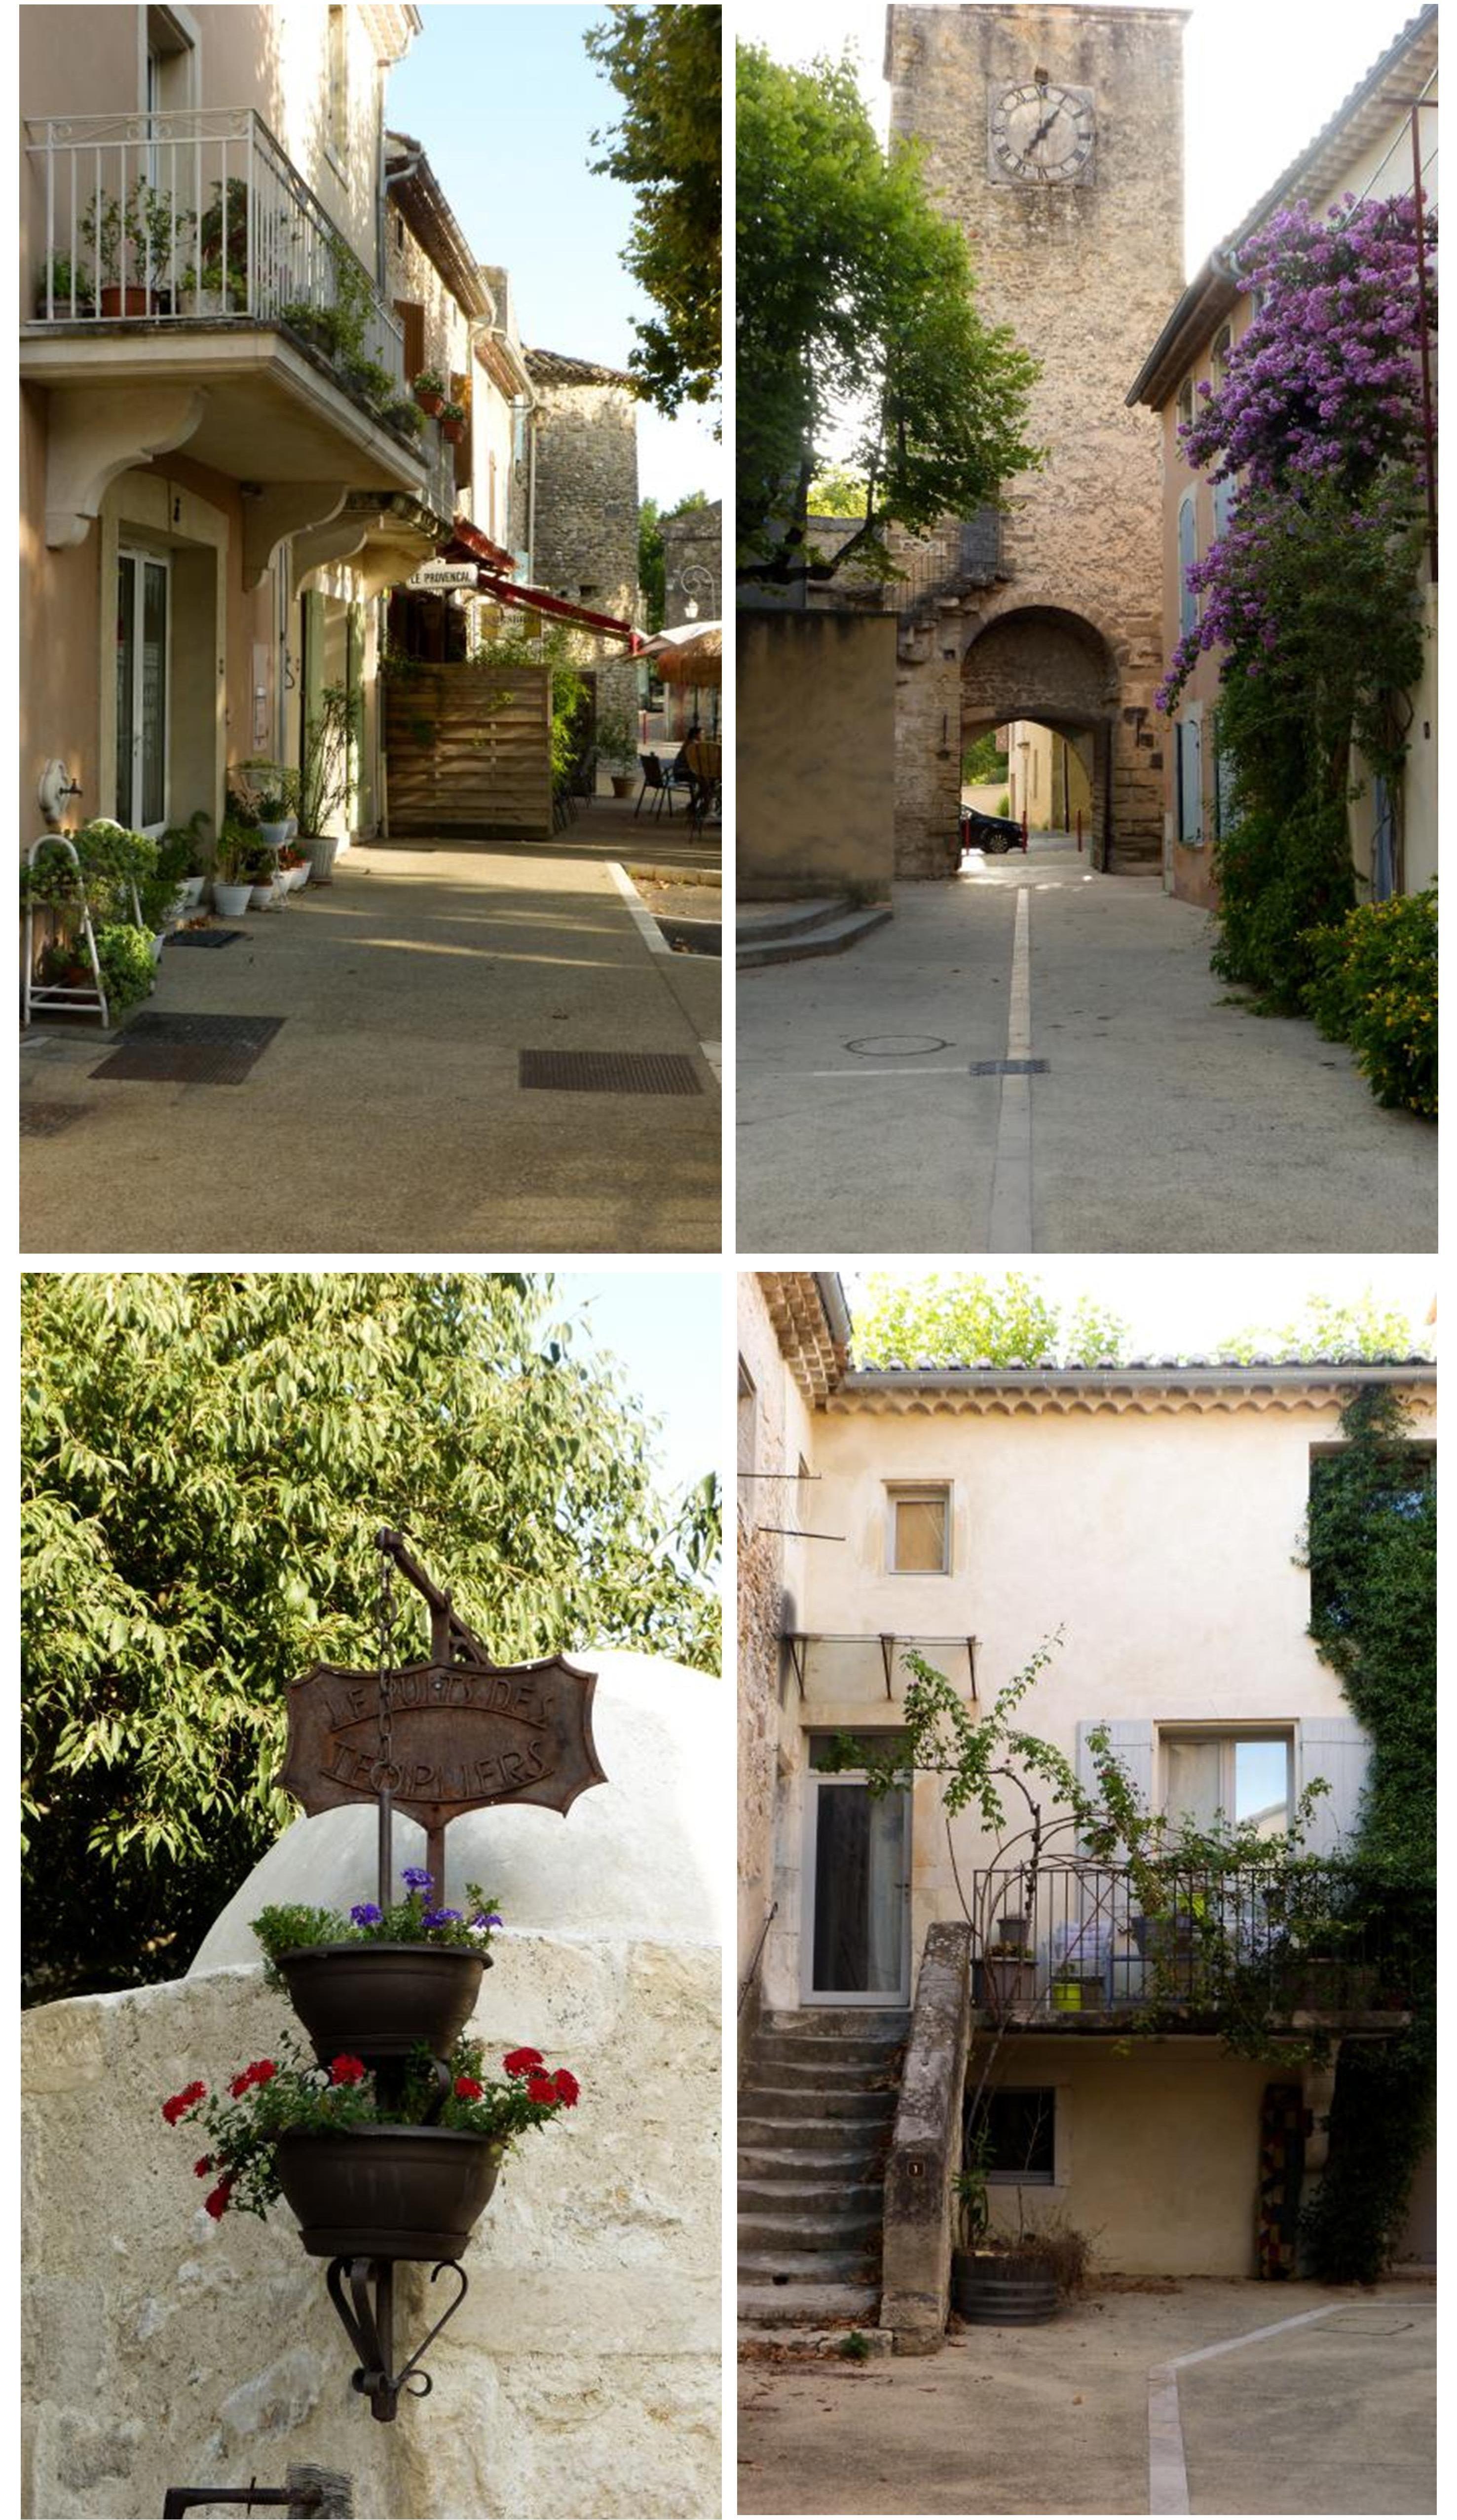 Richerenches : Découvrez dans cet article 5 idées de visite lors de vacances dans le Vaucluse, au nord de la Provence.